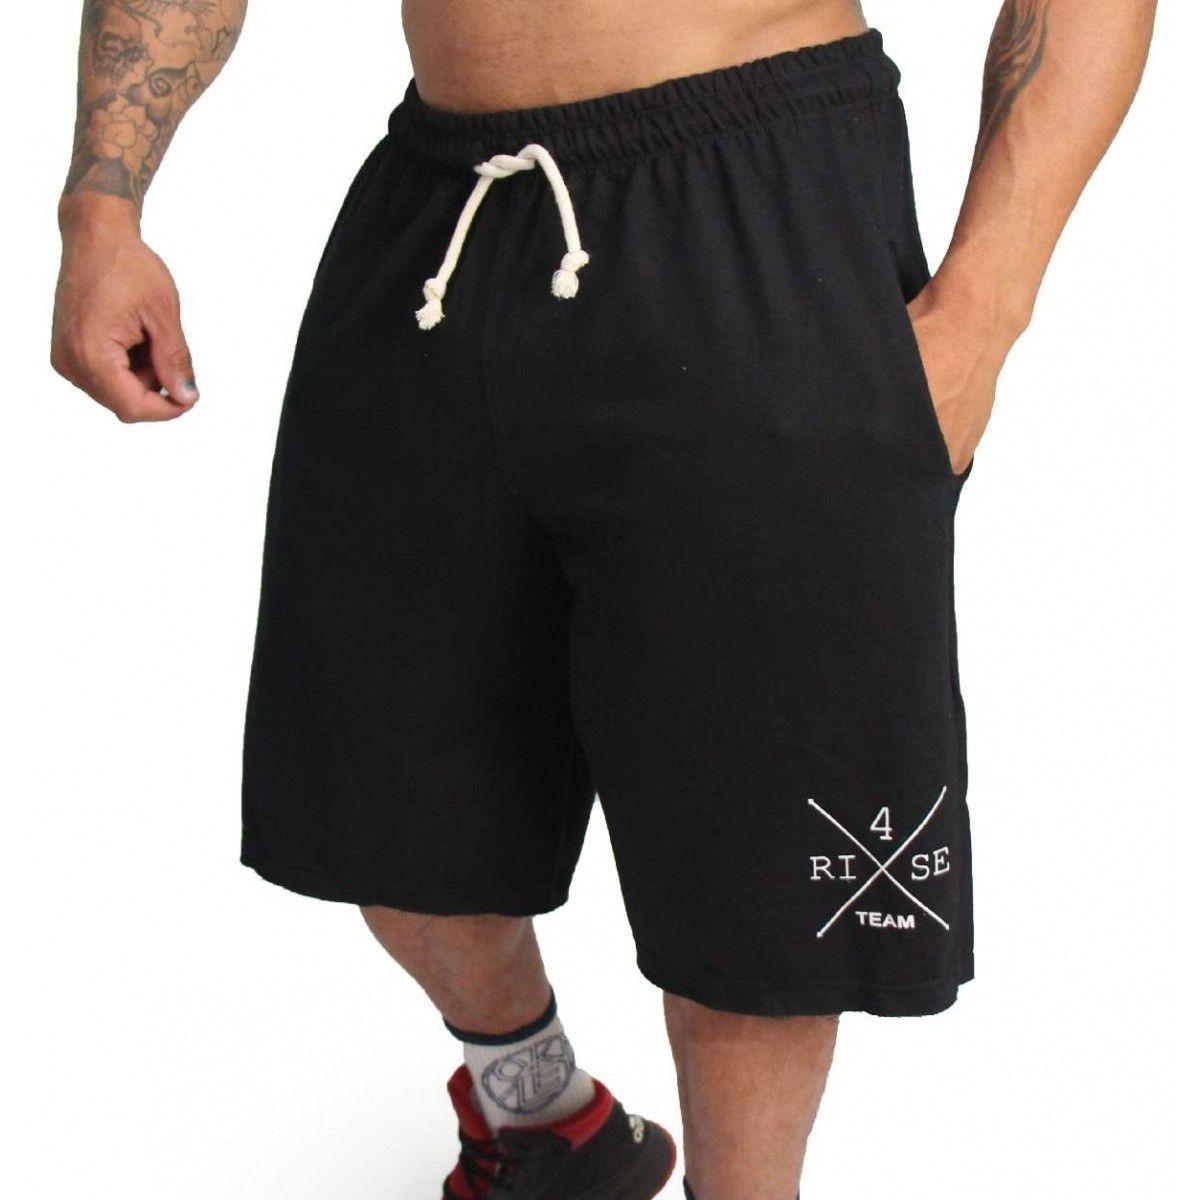 181dc2cf8 bermuda masculina para musculação fitness academia. Carregando zoom.